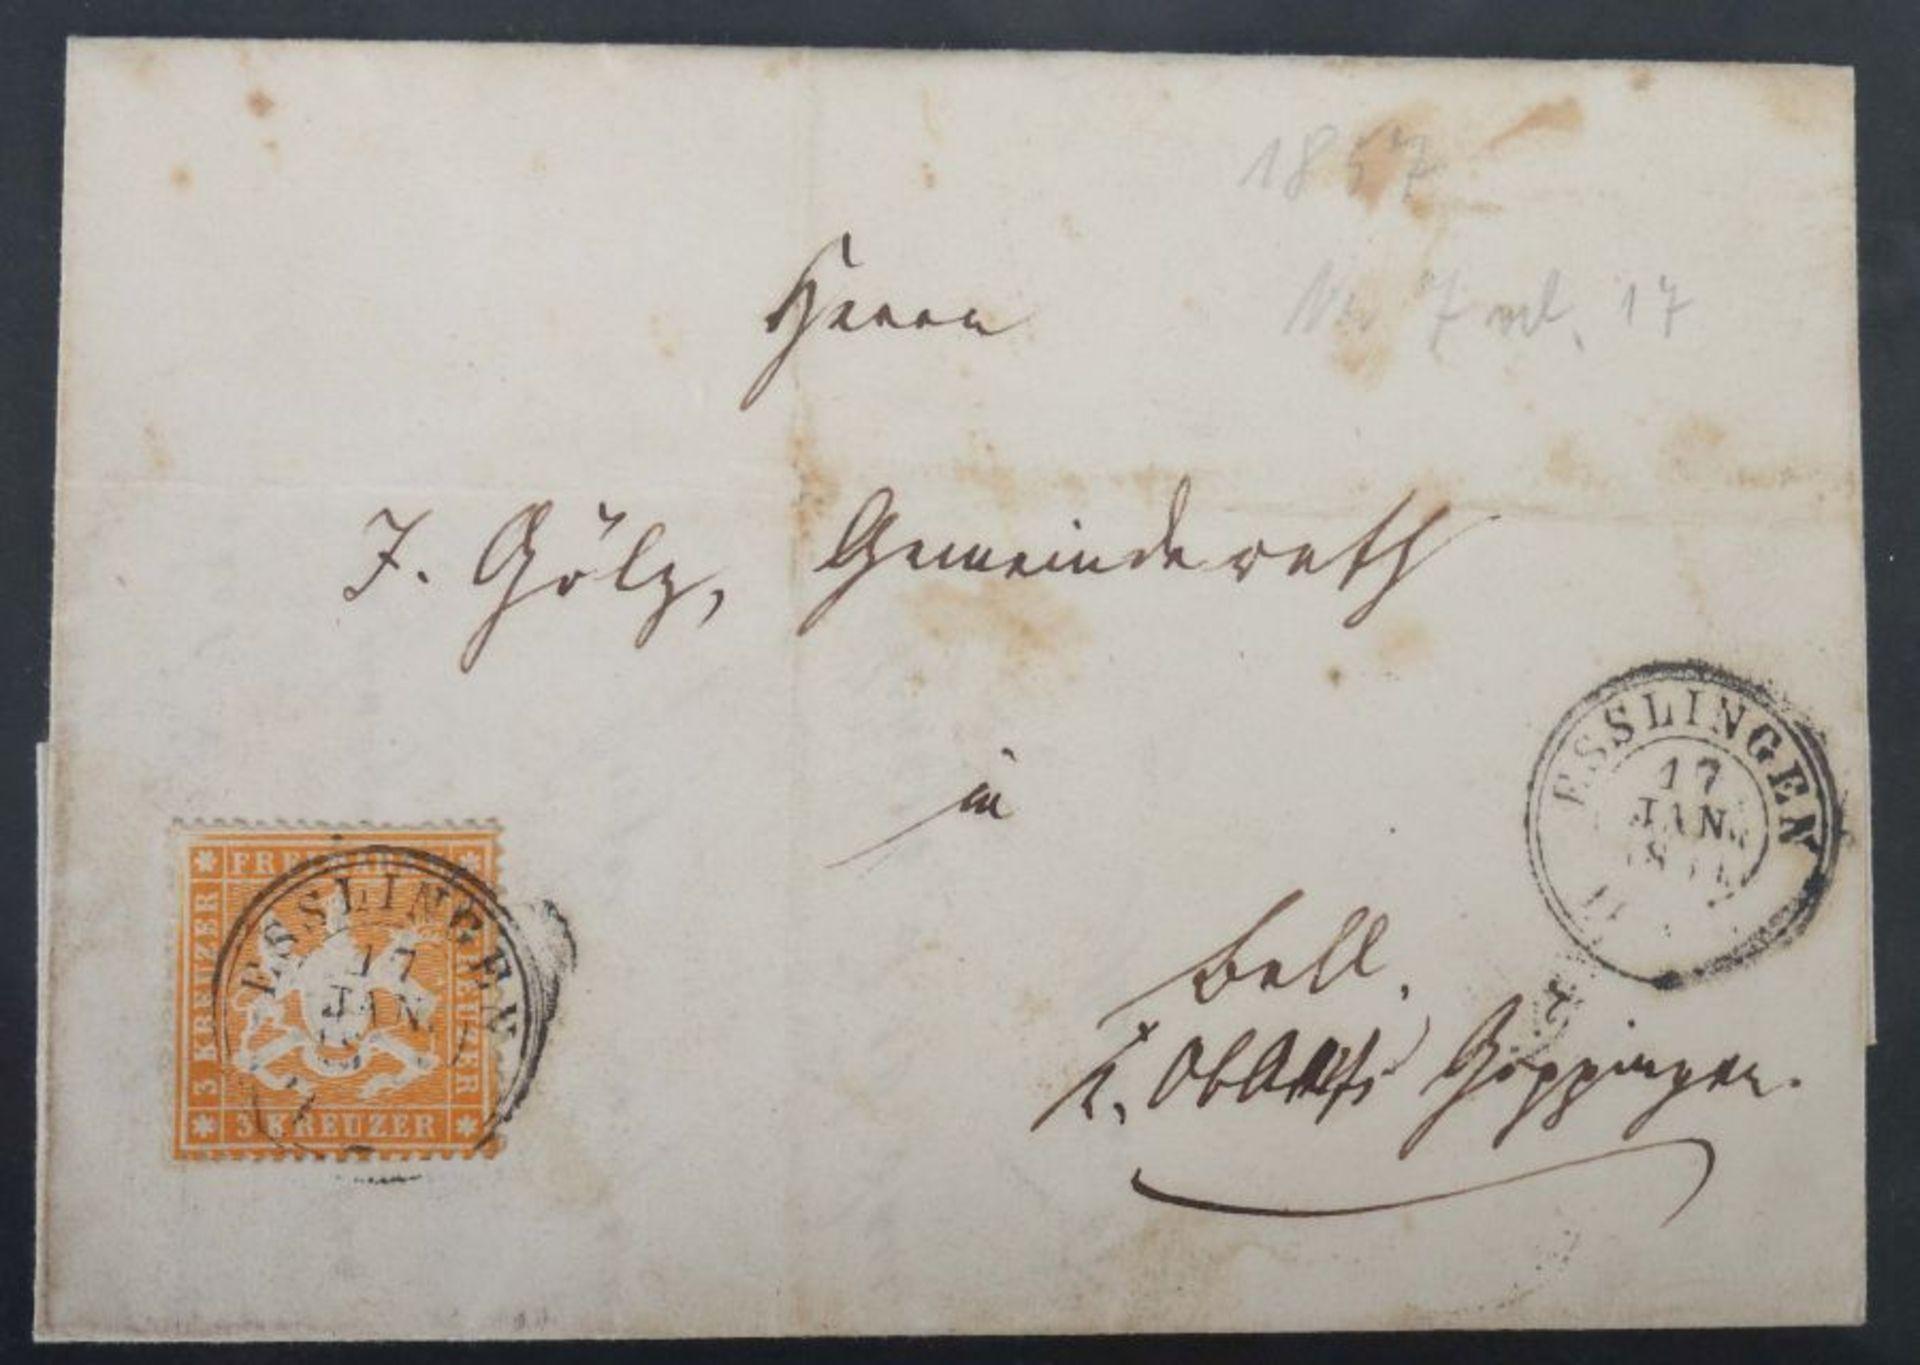 Kleine Postkarten-Sammlung mit ca. 10 handgeschriebenen Briefen um ca. 1900, ca. 55 Postkarten - Bild 5 aus 7